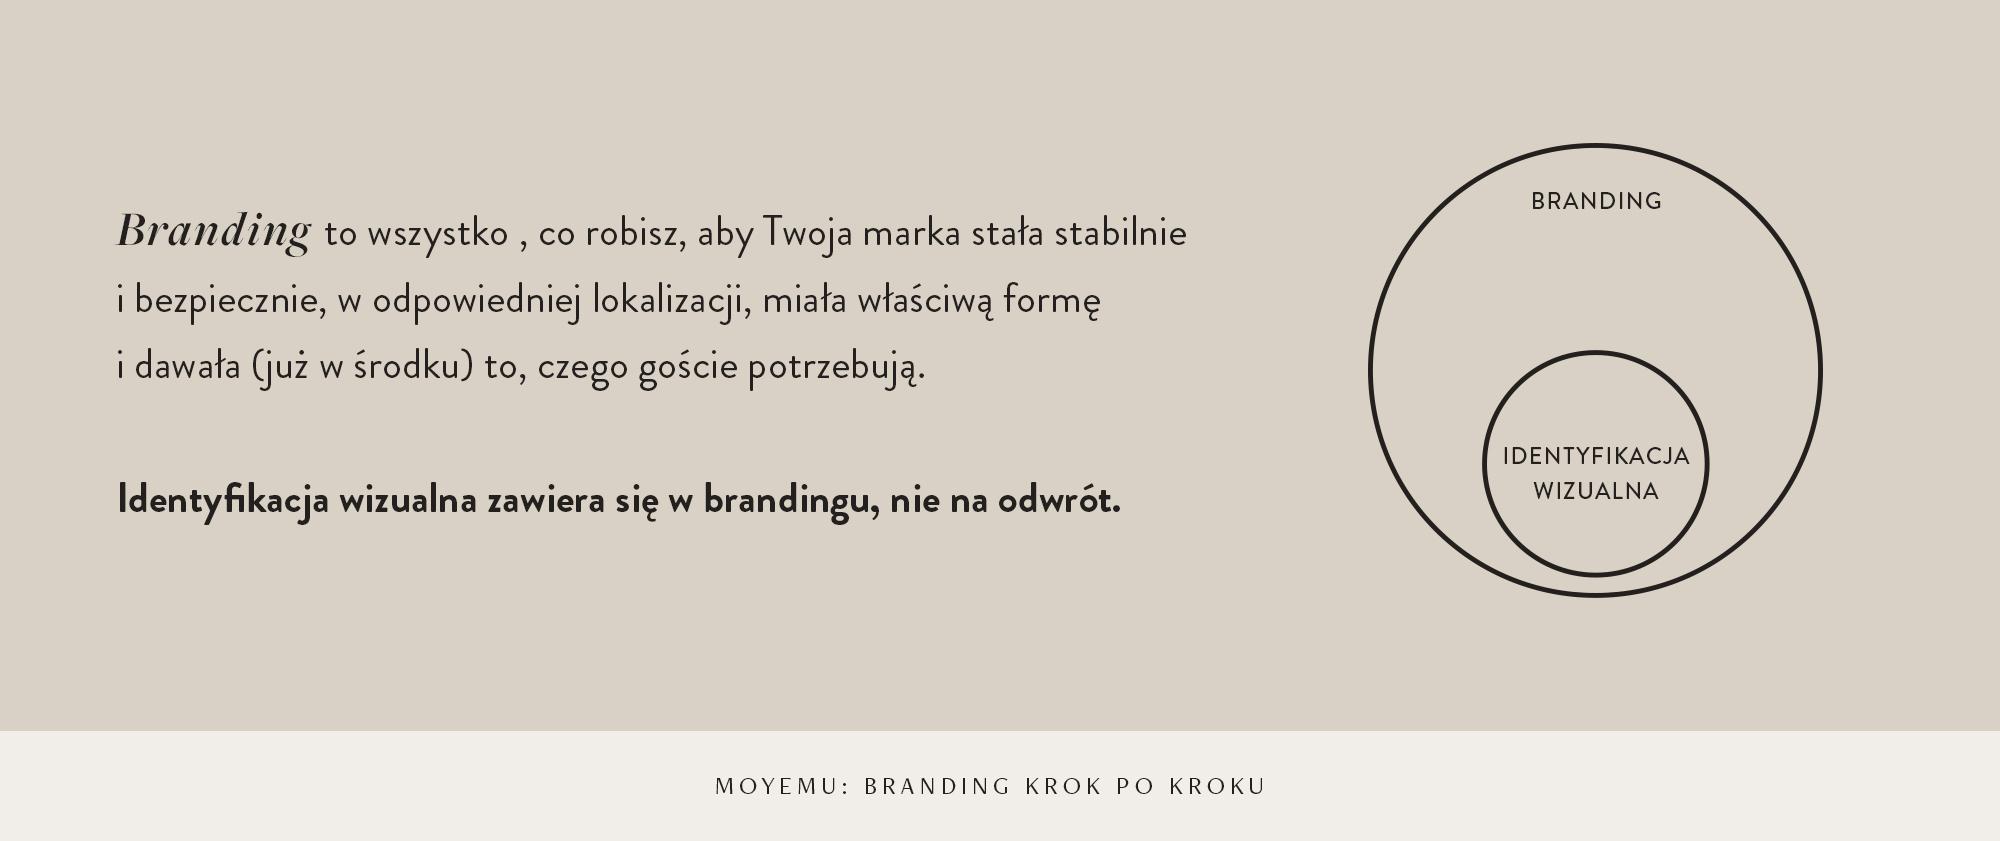 Branding krok pokroku: Fundamenty Twojejmarki. Oco musisz zadbać, zanim zaprojektujesz oprawę graficzną marki? Blog Moyemu